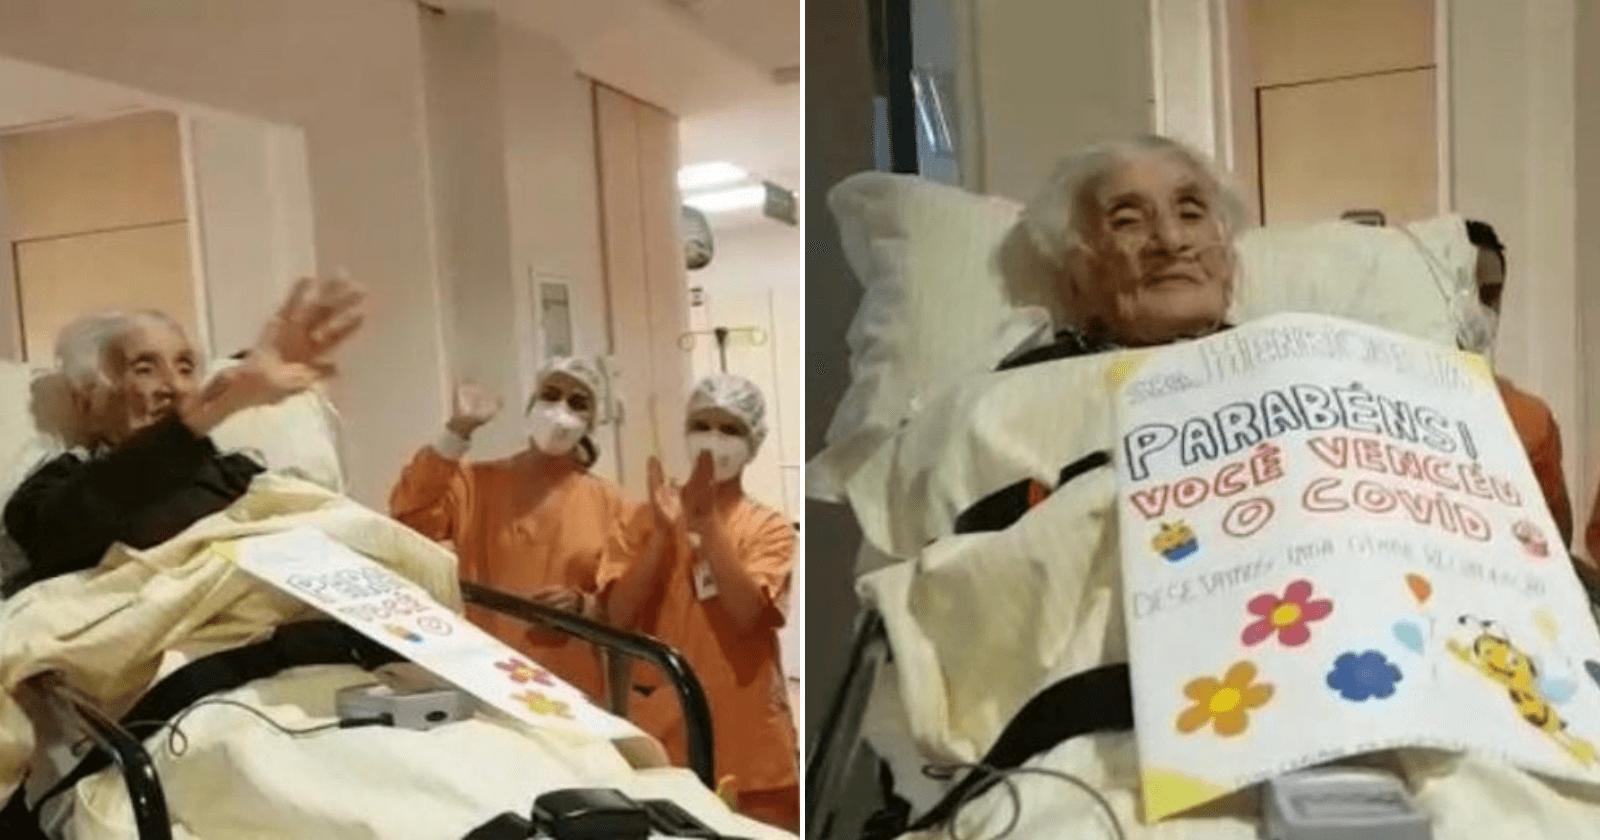 Com 110 anos, idosa se recupera da Covid-19 e volta para casa com celebração